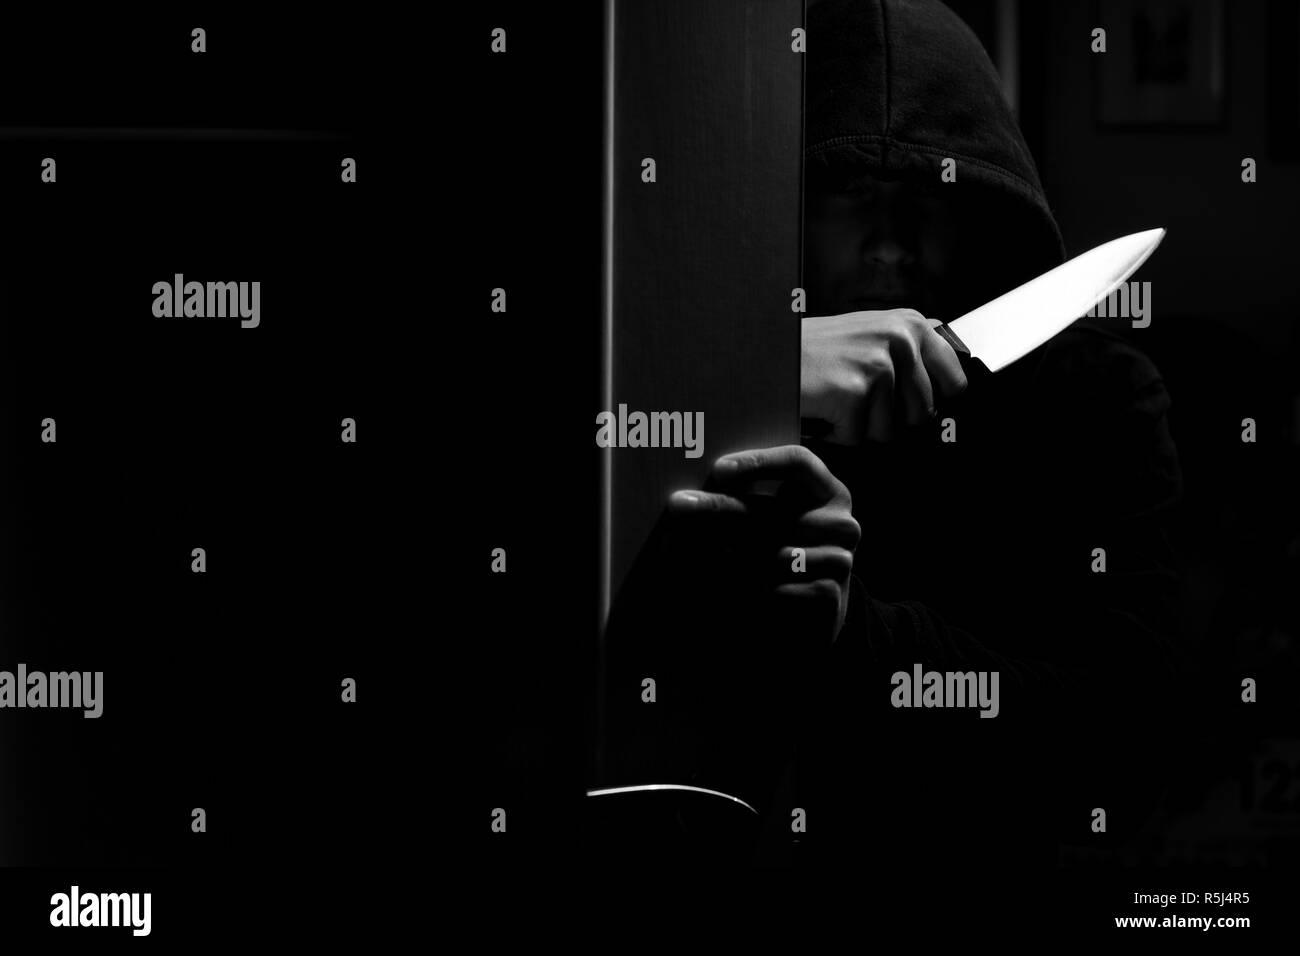 Schwarz-weiß Foto von Killer mit Messer in dunklen Wohnung Stockbild